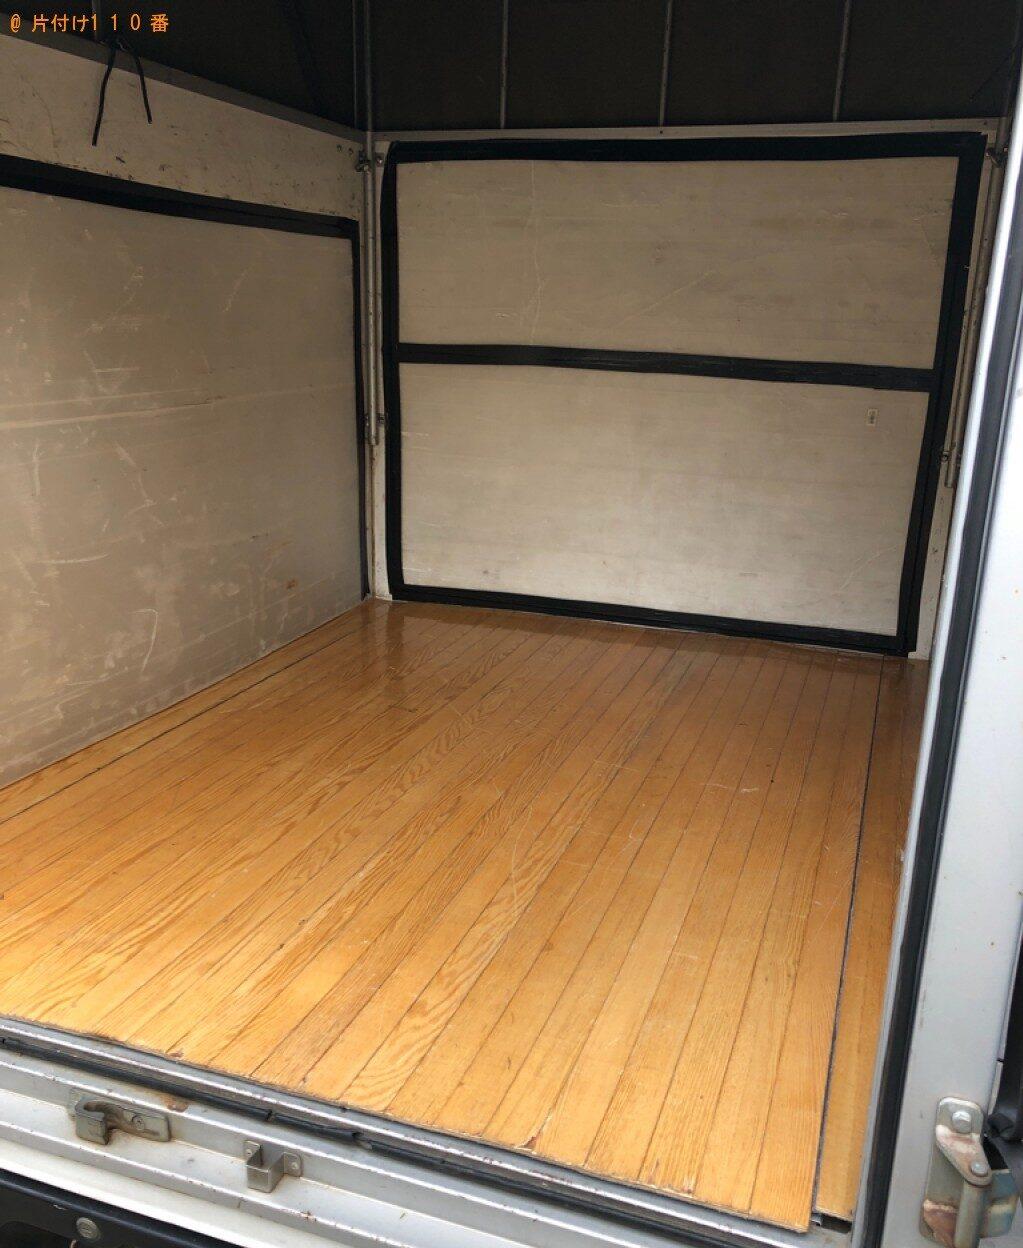 【下松市中央町】折り畳みシングルベッド等の回収と荷物の移動ご依頼